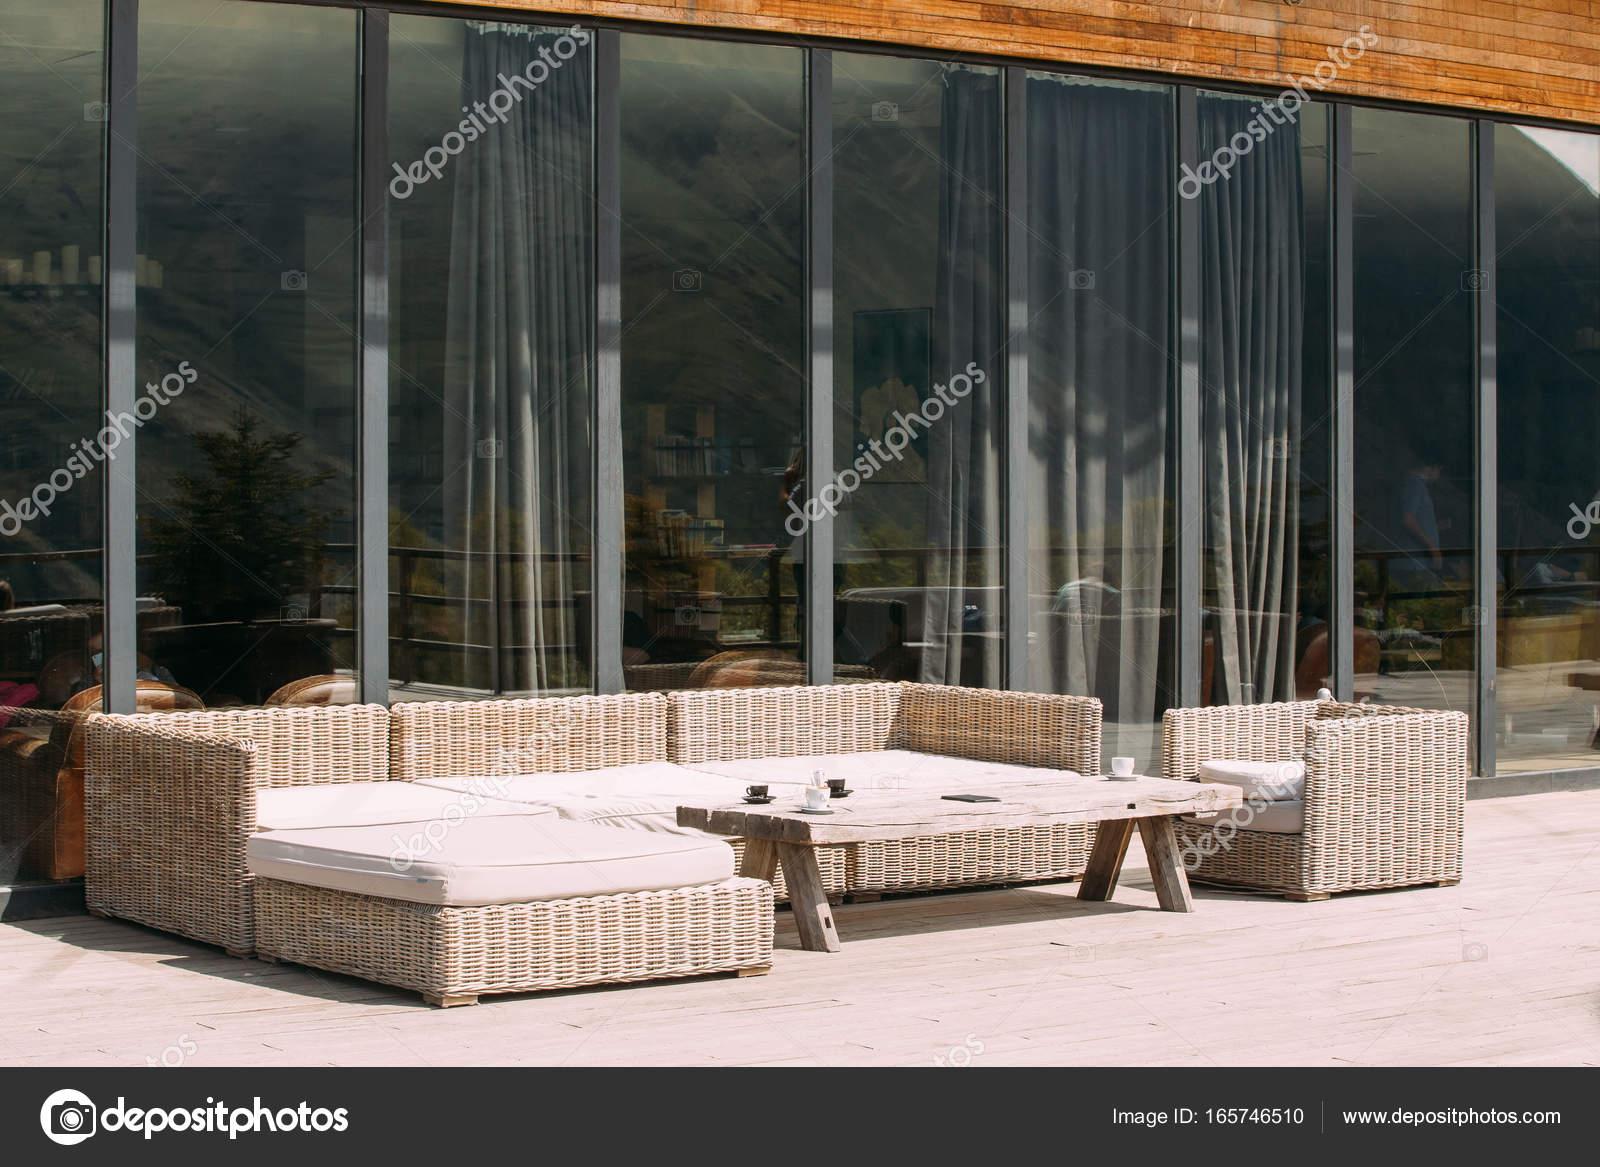 Houten Balkon Meubels : Rieten meubels op balkon op zonnige zomerdag. buitenkant met tabel